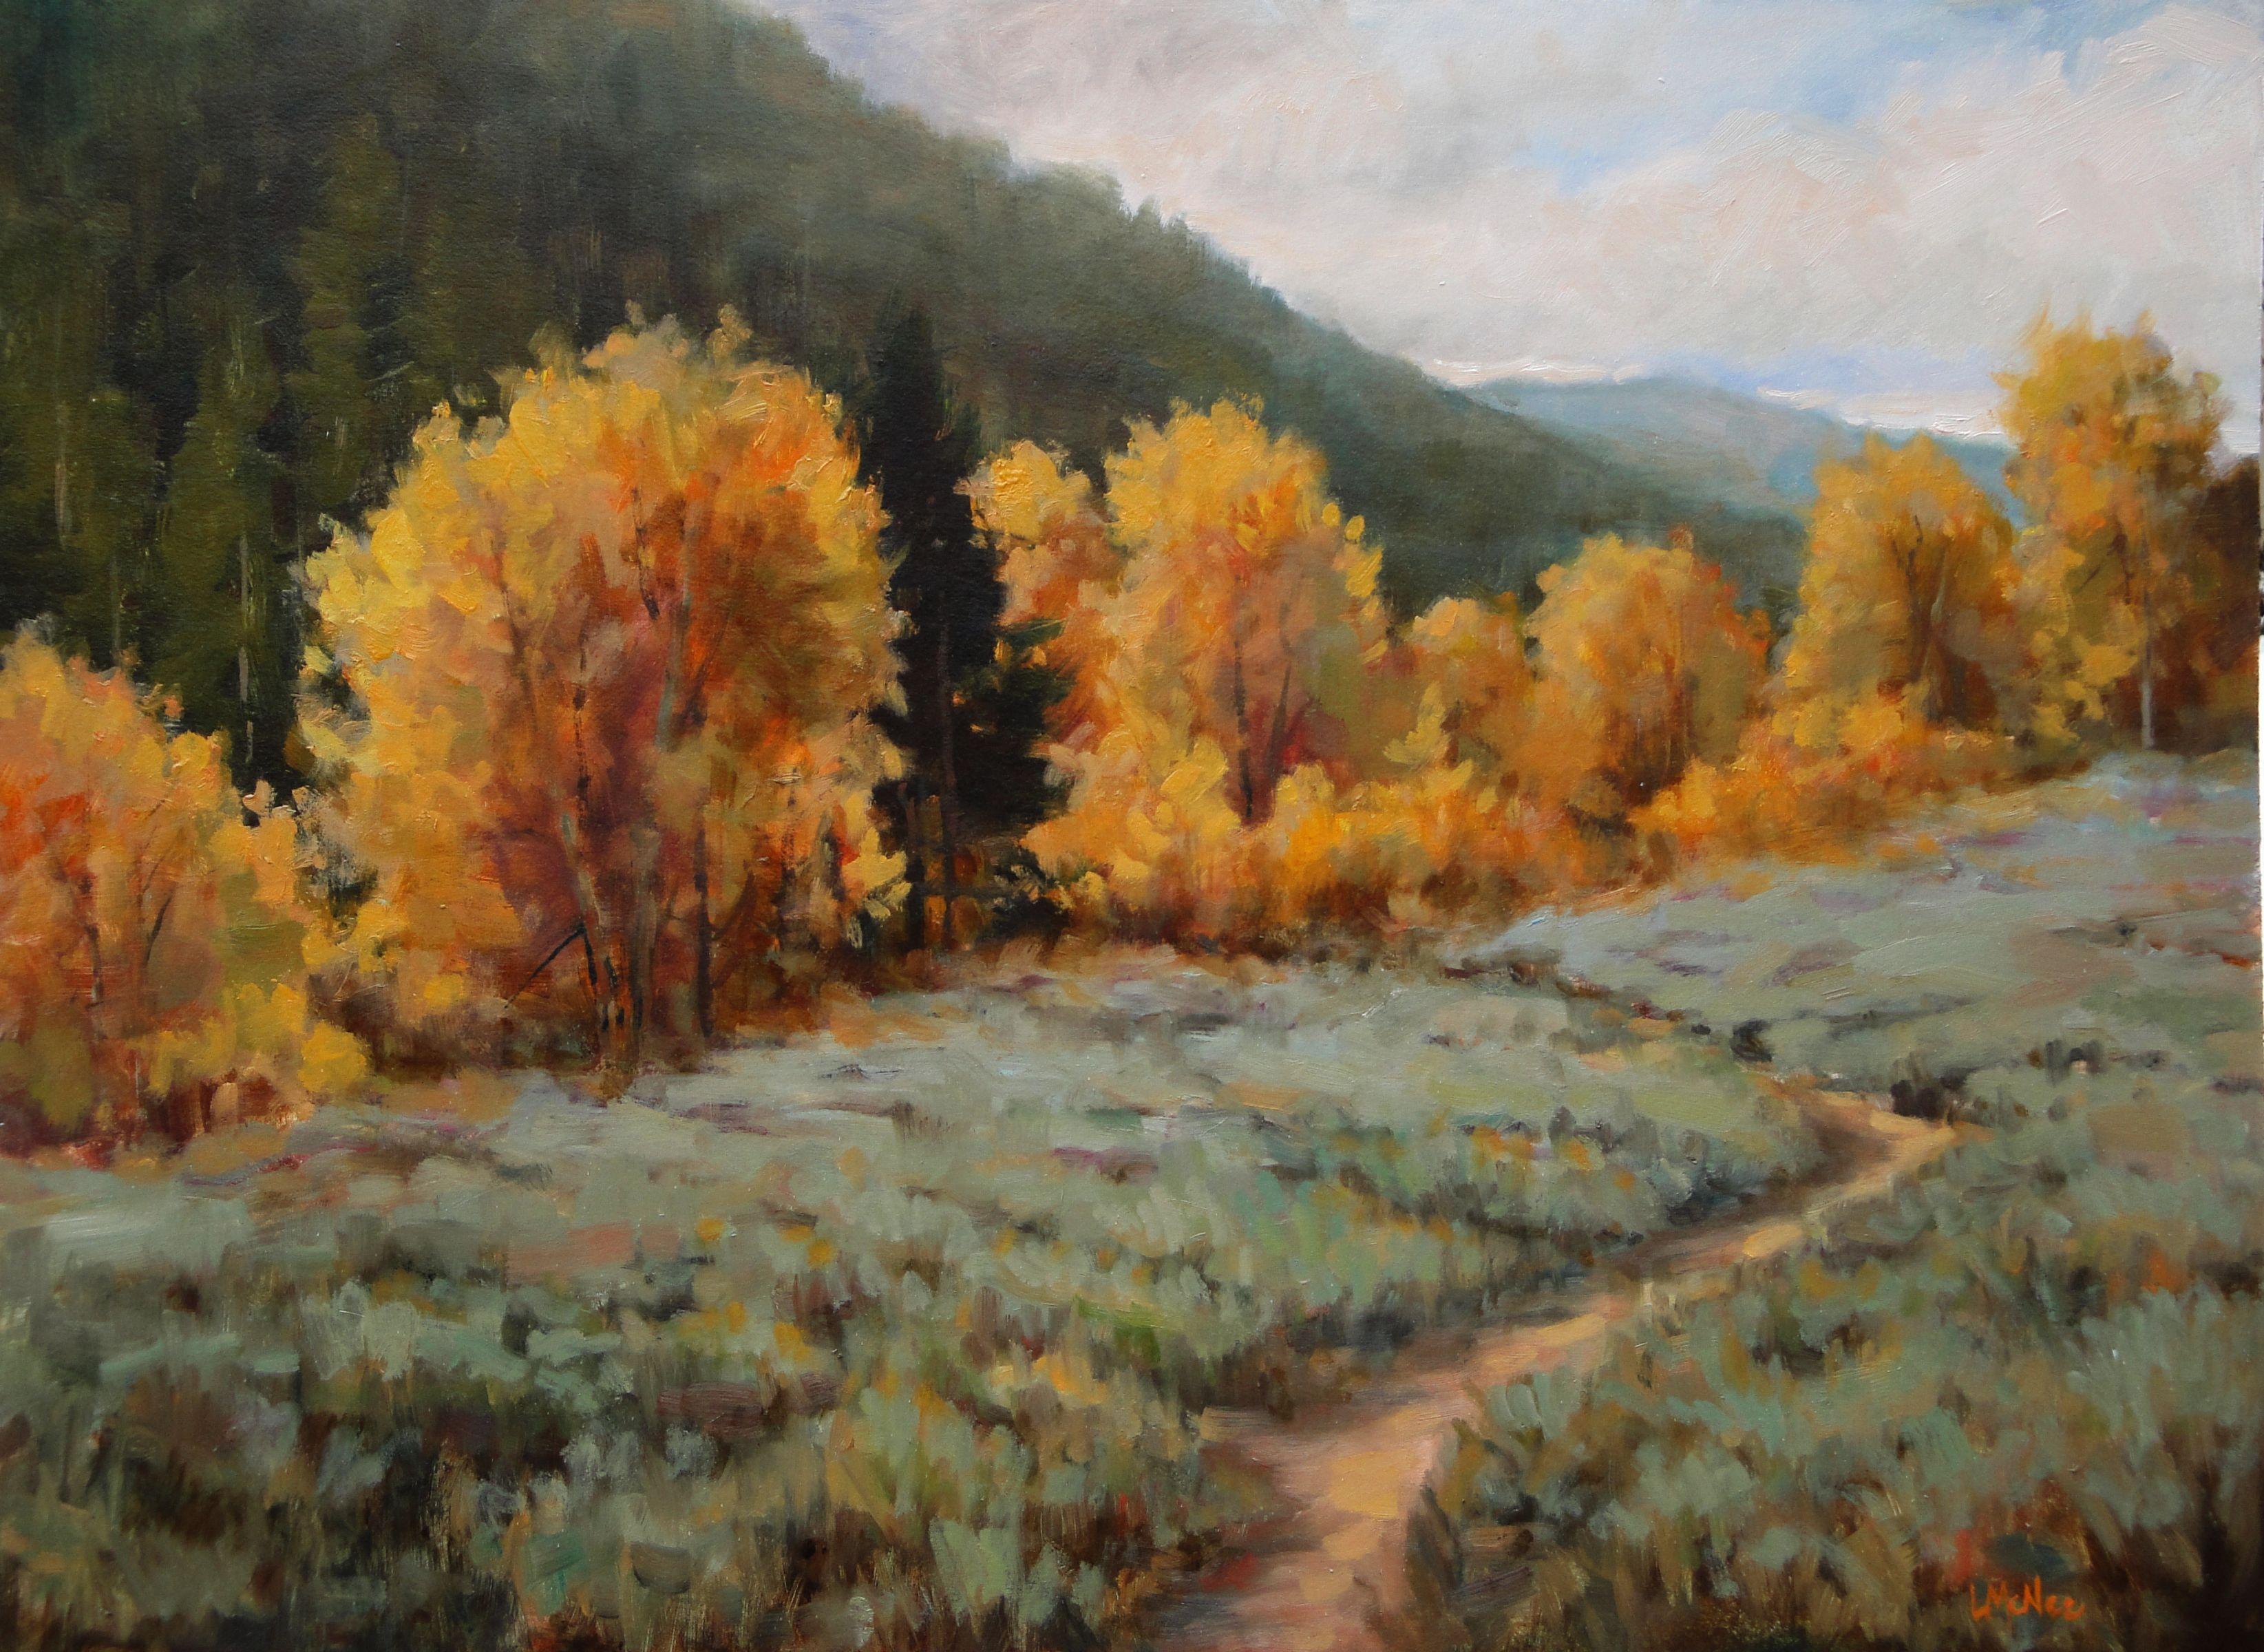 How To Interpret The Landscape In Paint Landscape Painting Lesson Nature Paintings Famous Landscape Paintings